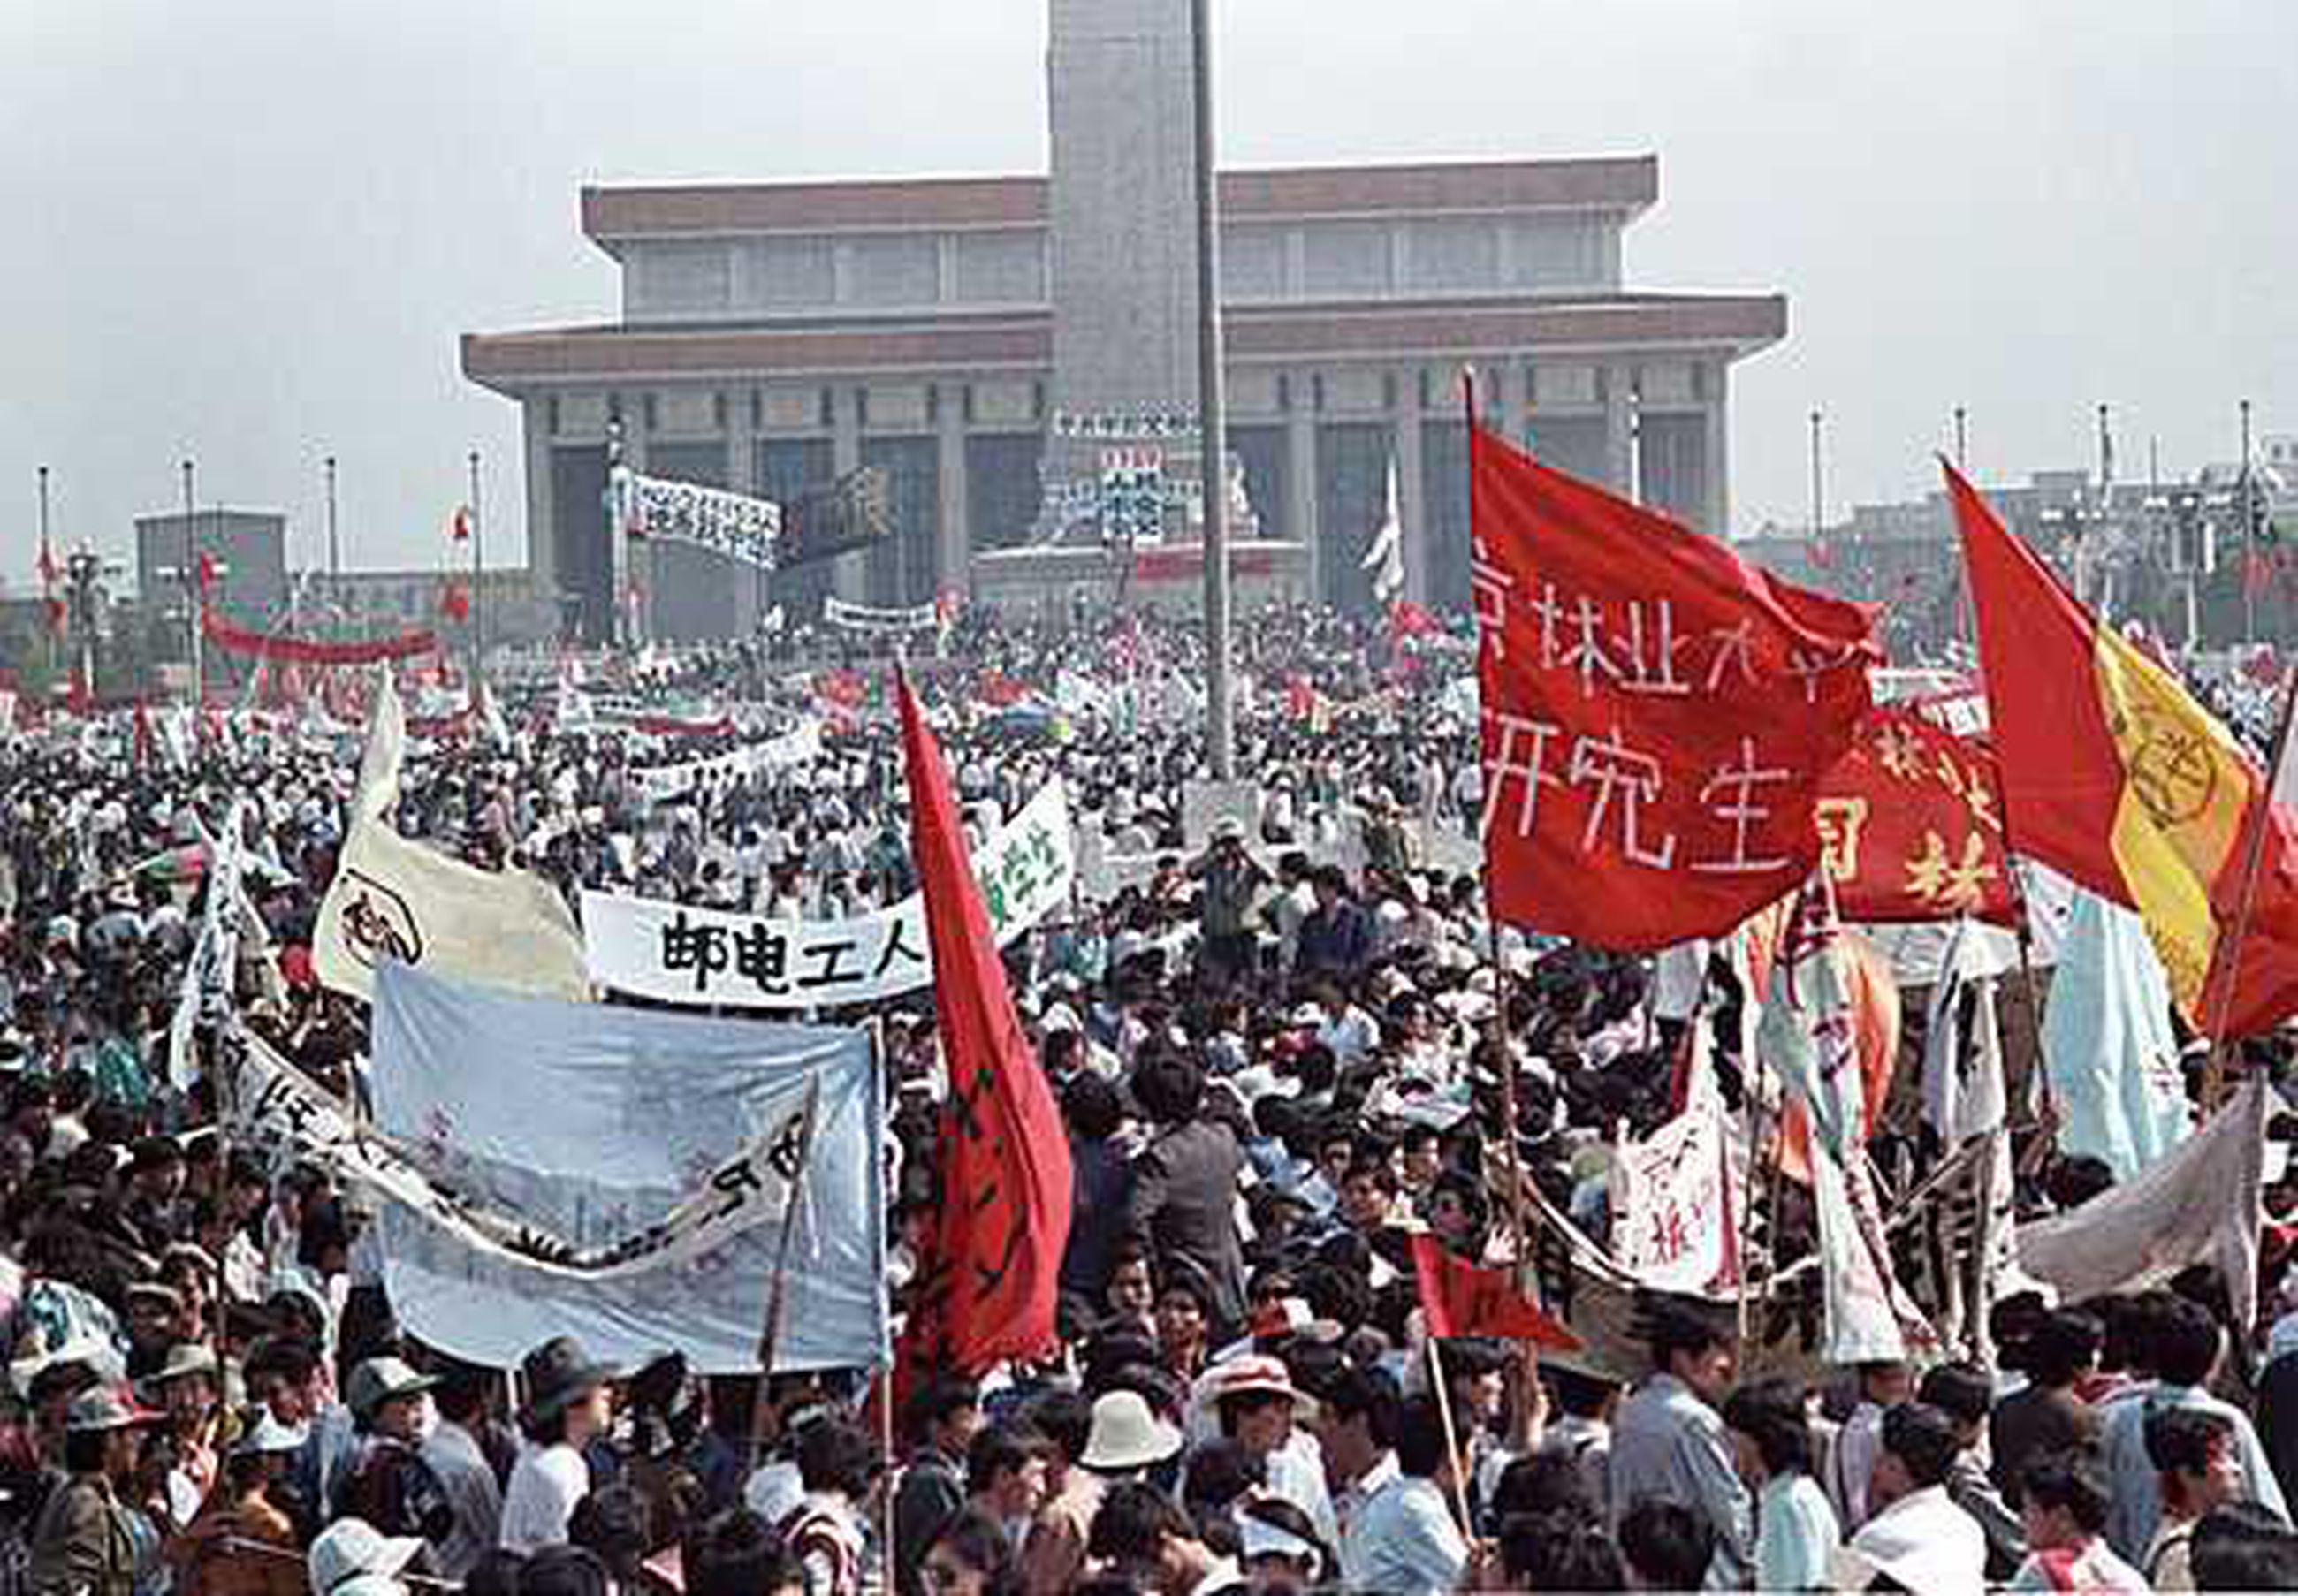 Tiananmenin Verilöyly